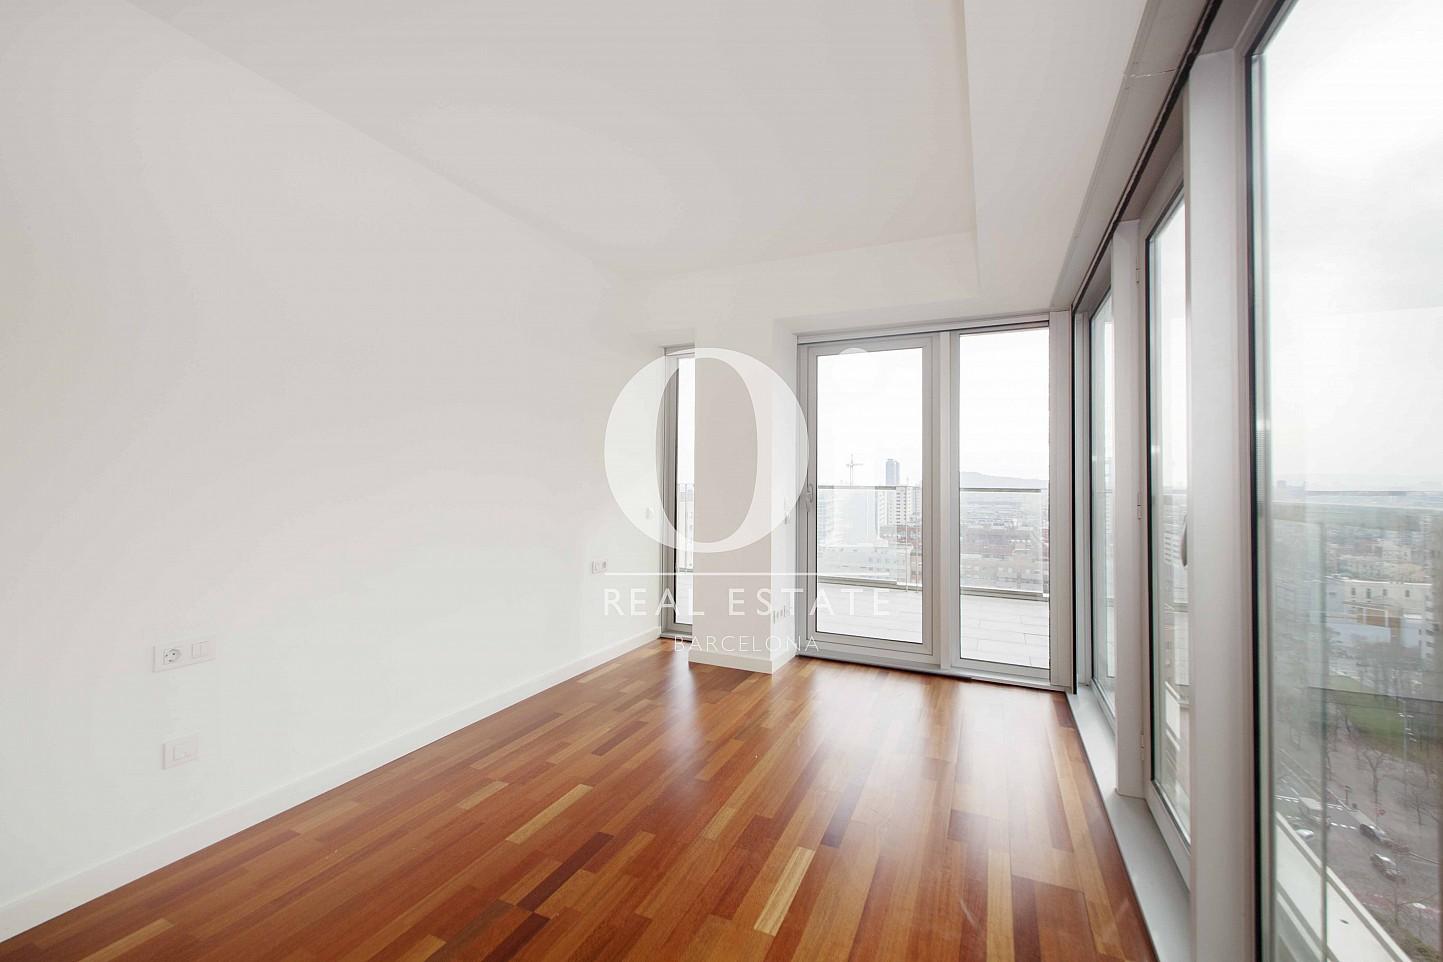 Комната с широкими окнами, из которых открываются чудесные виды, в квартире на продажу в Diagonal Mar, Барселона